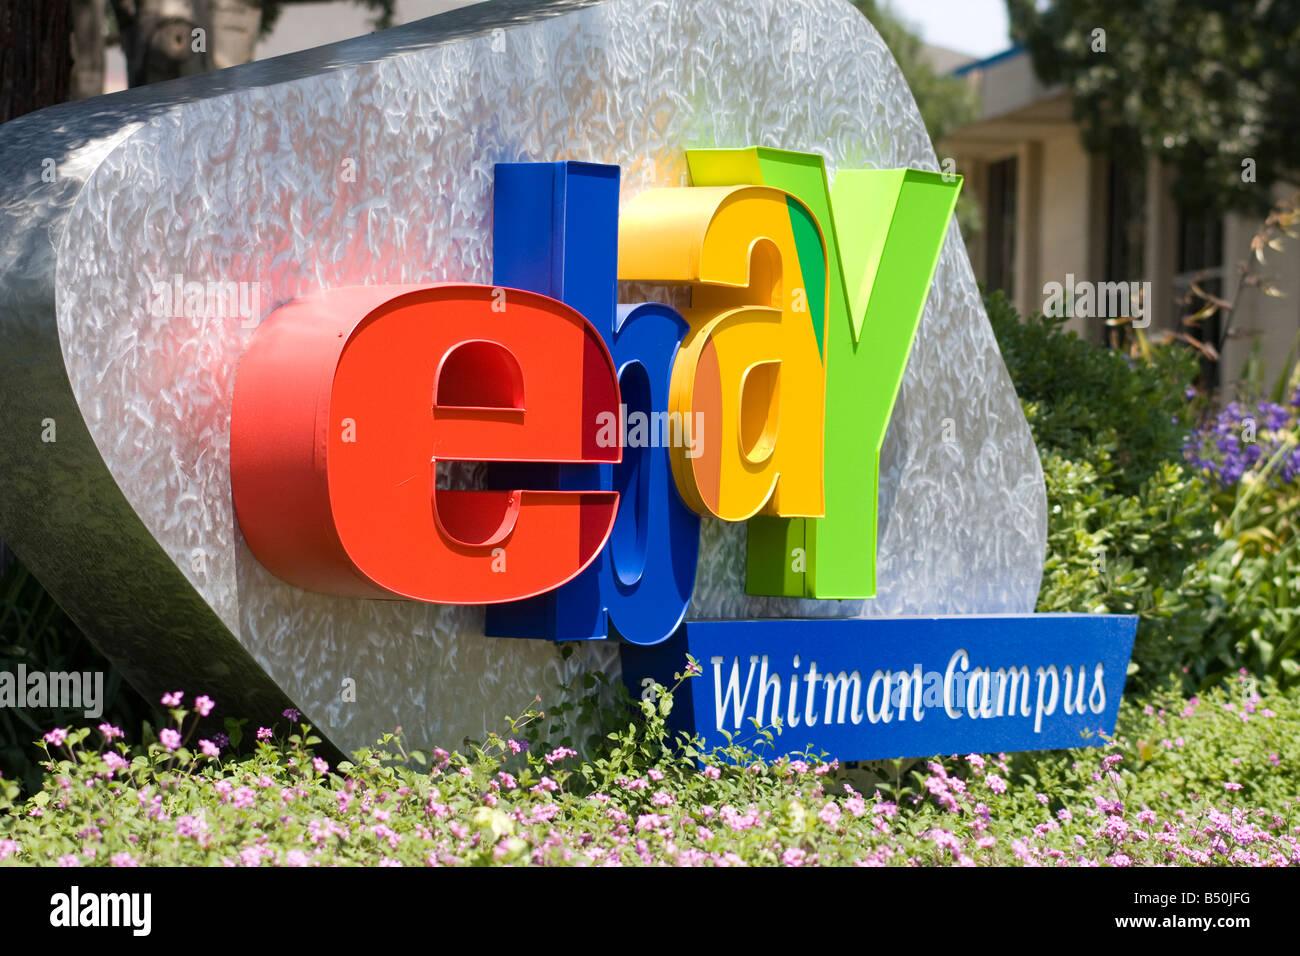 Ebay Zeichen Whitman Campus Ebay Hauptsitz San Jose Kalifornien